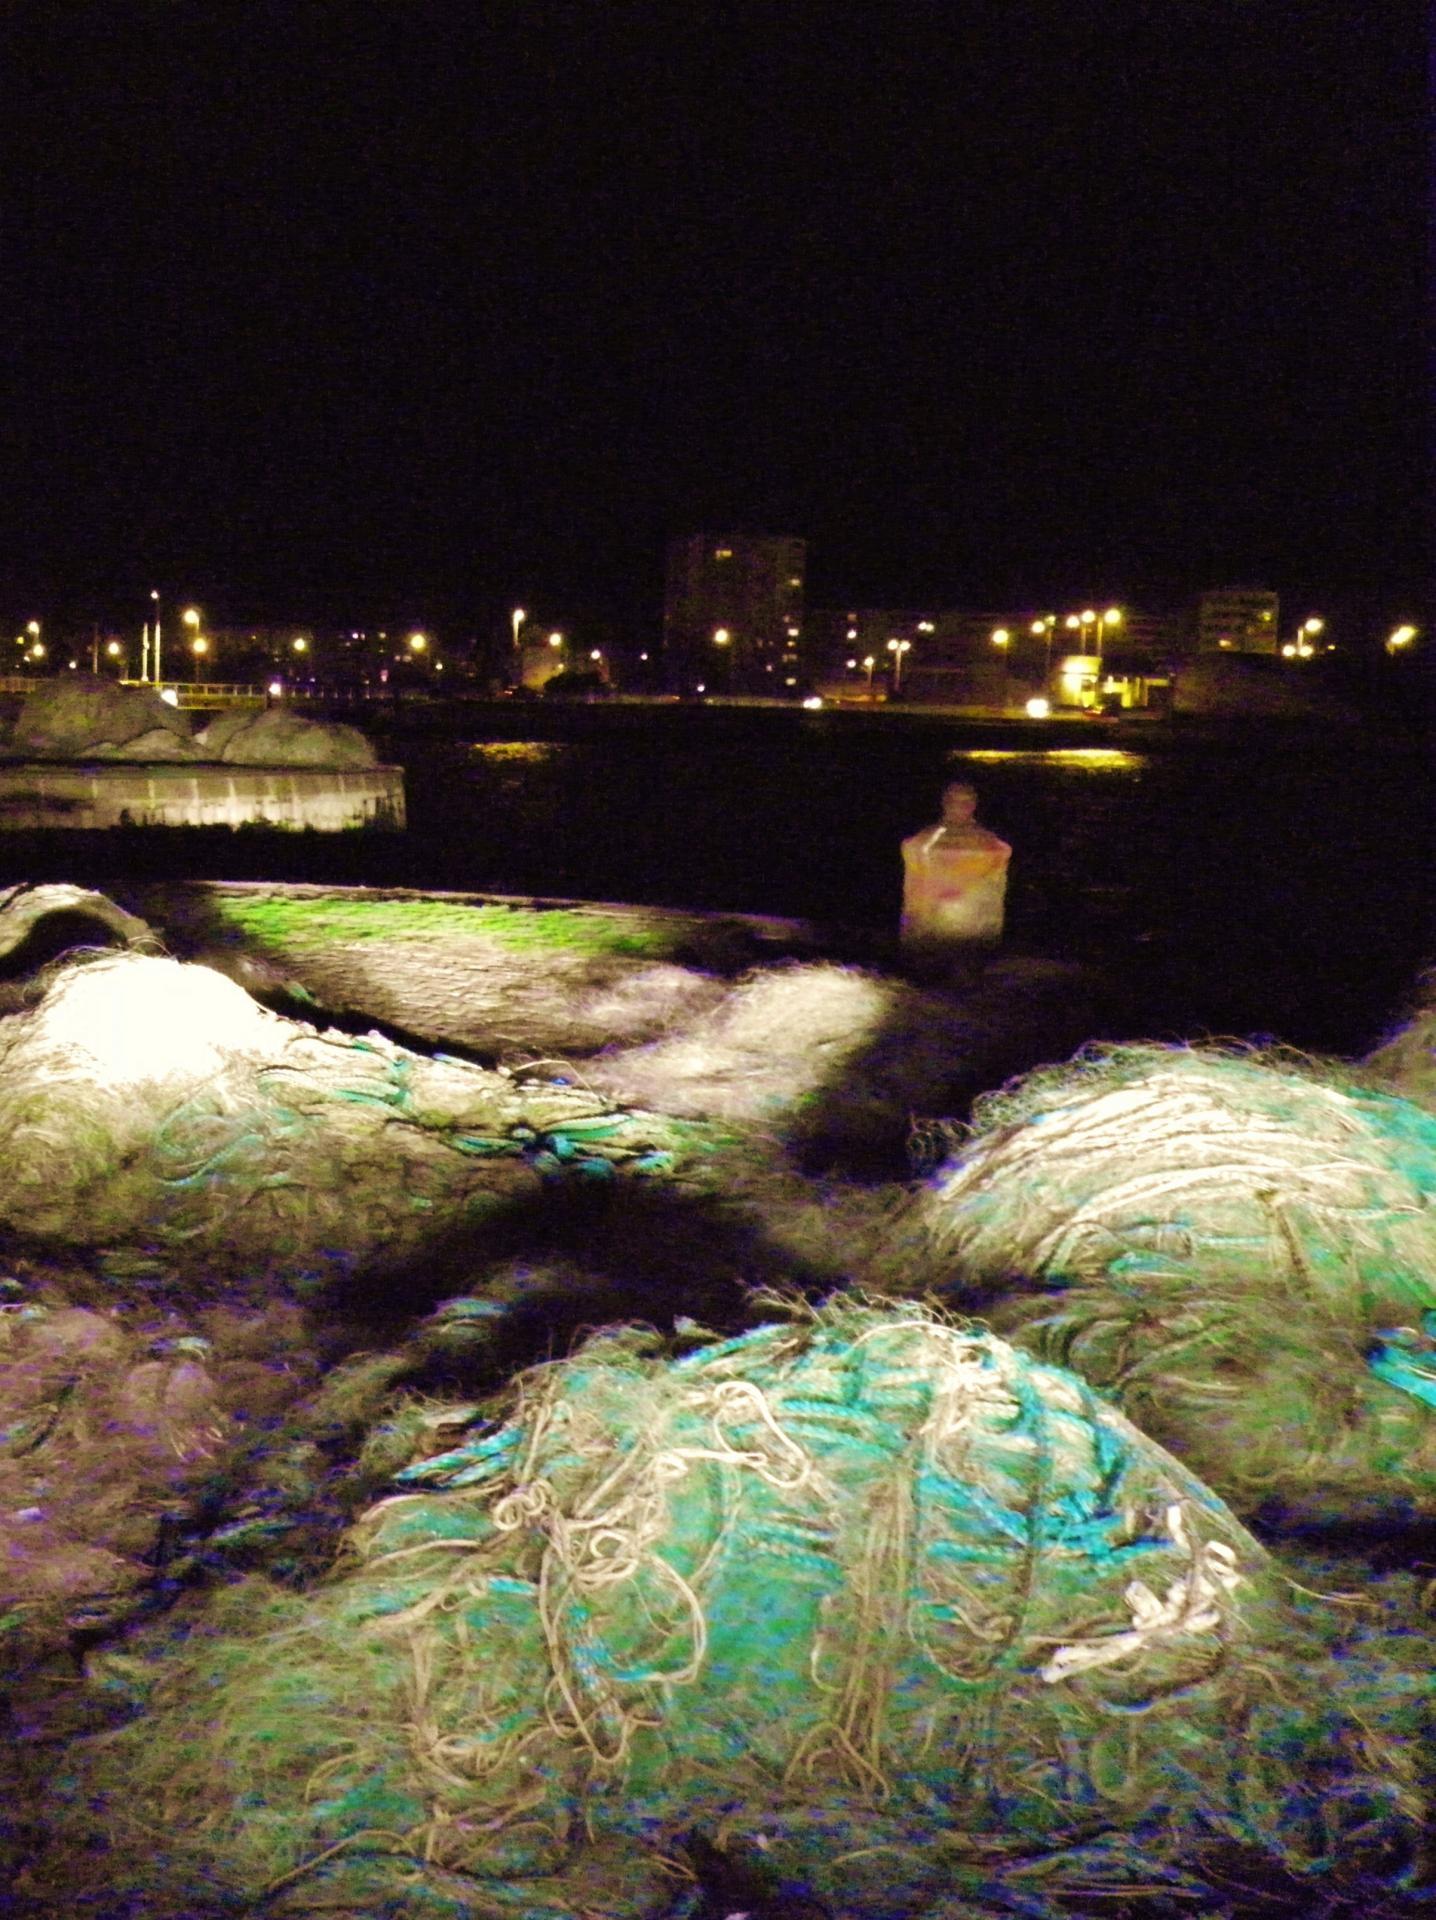 Calais photographie les filets bleus